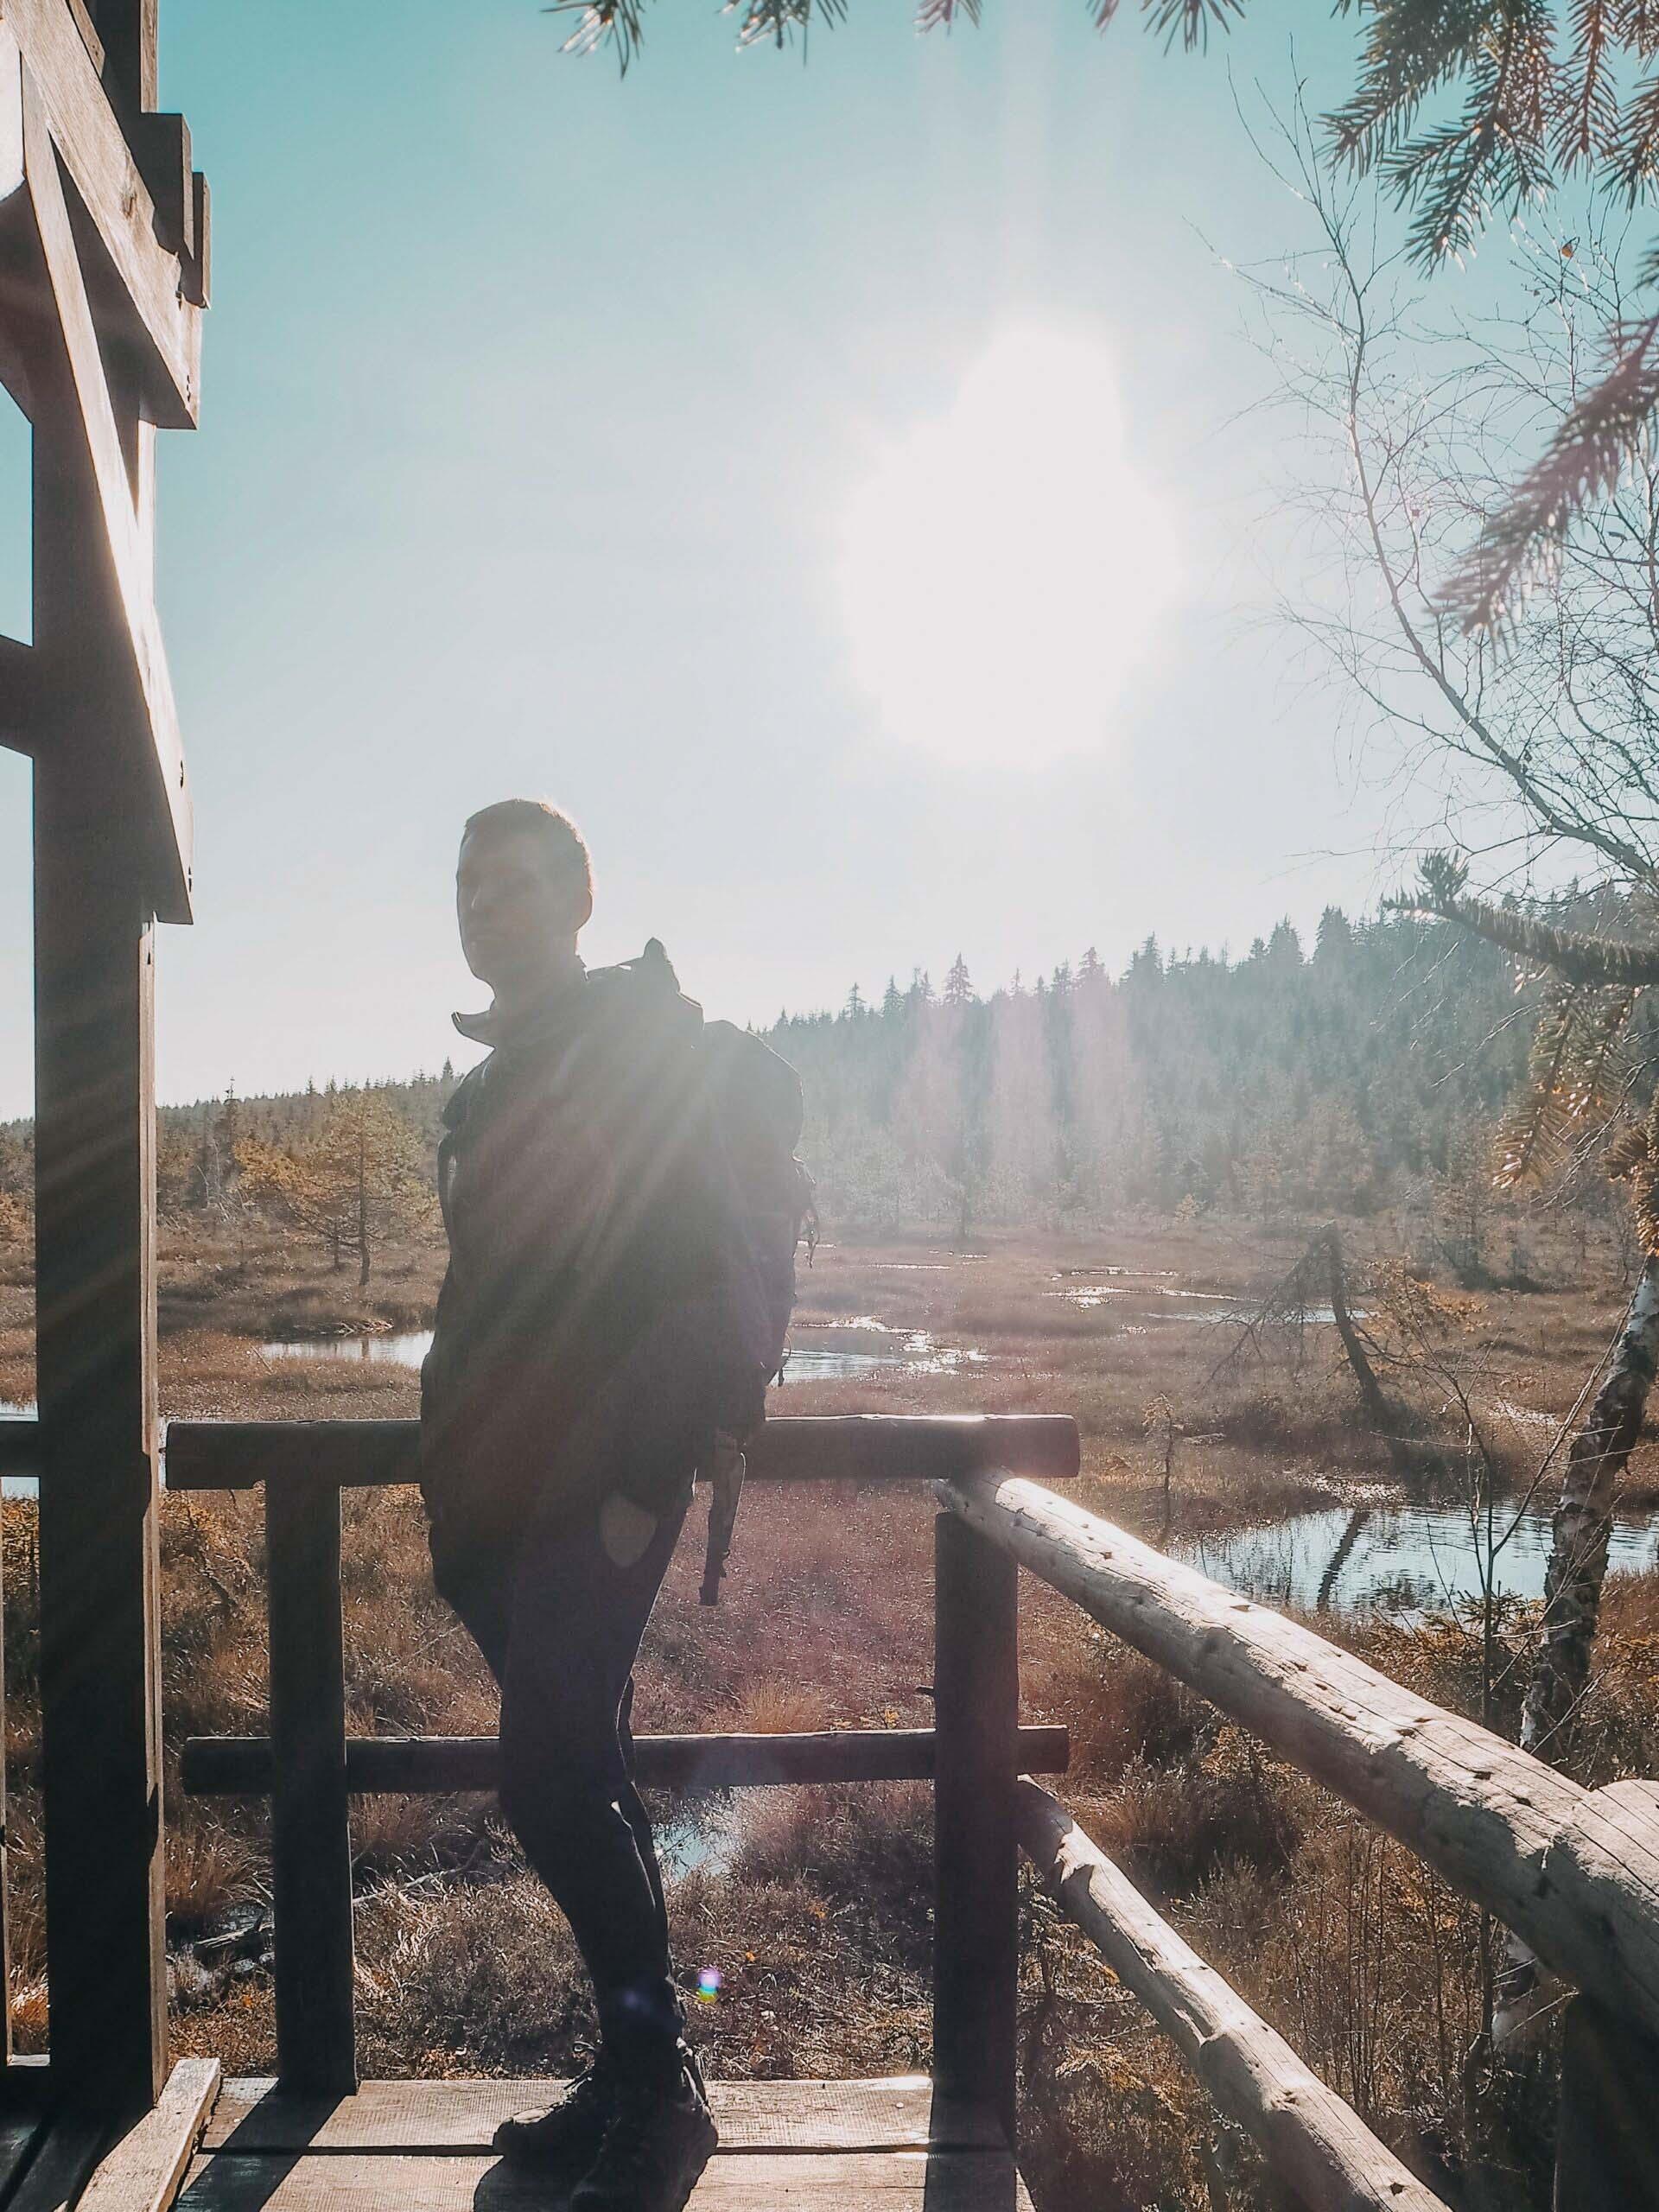 Jizerské hory, rašeliniště Na Čihadle - Jizerské hory - Jiráci na cestách